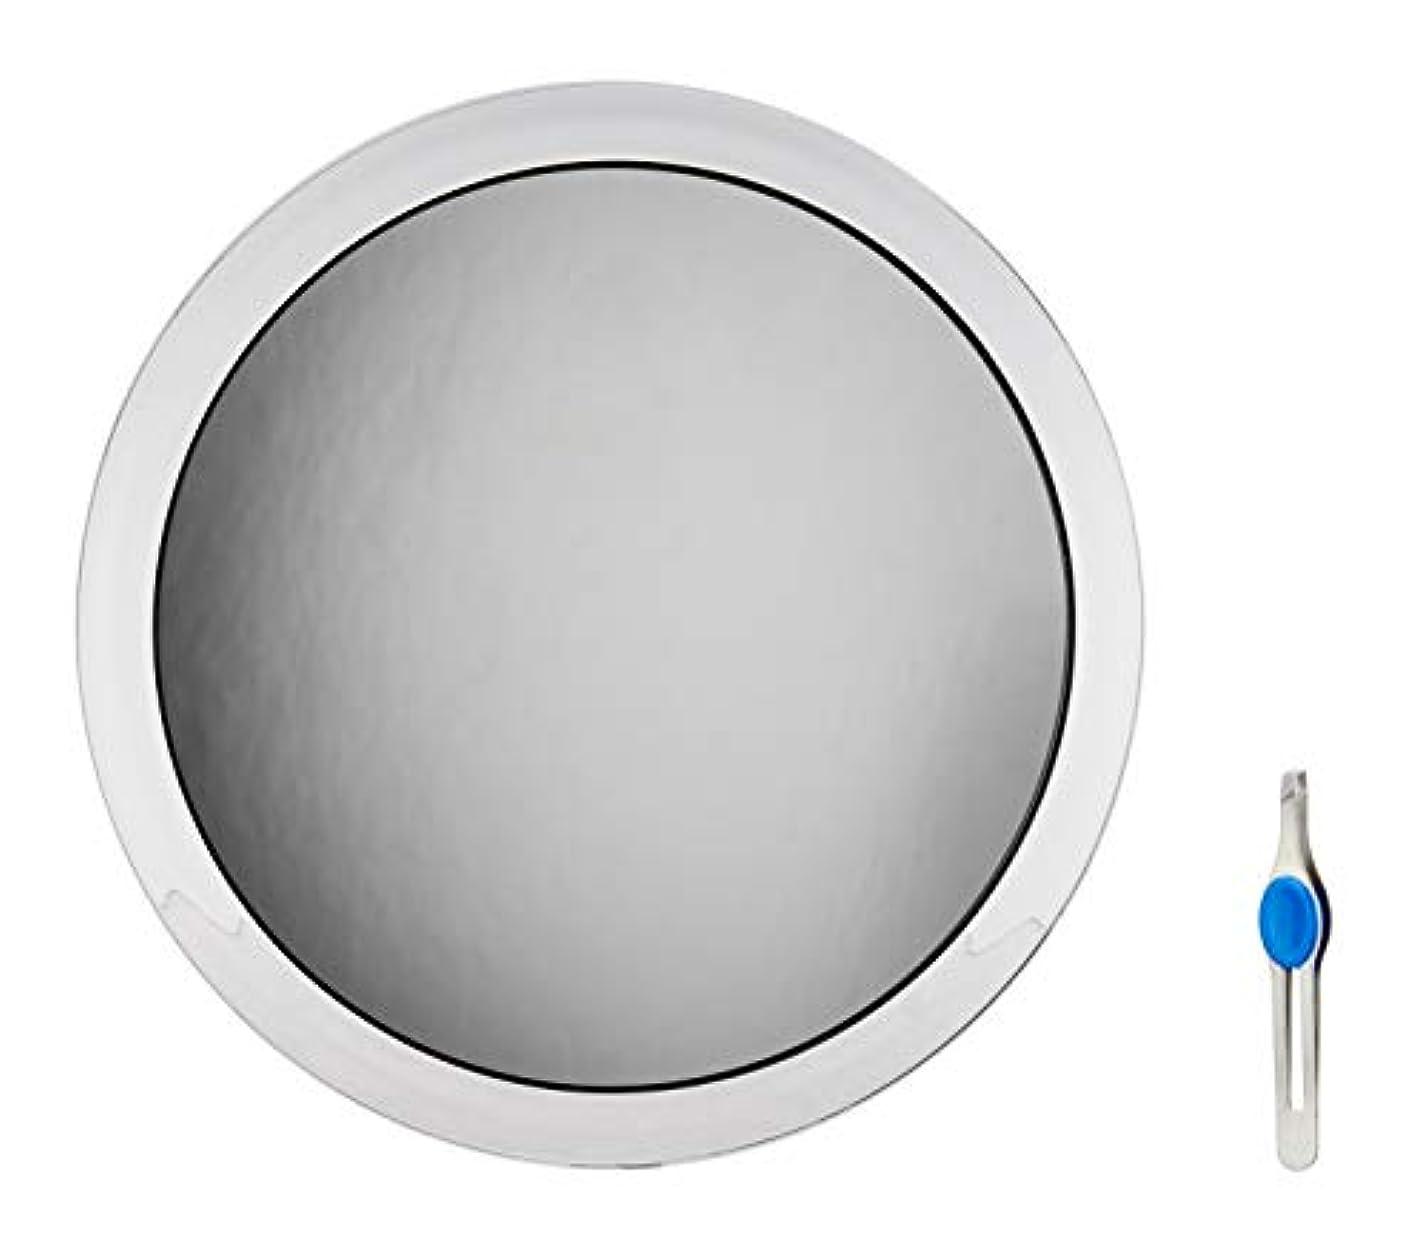 主人品揃えスプレーDBTech 25cm 倍率8倍 拡大ミラー (裏面に吸盤3つ付), 精密ピンセット付属